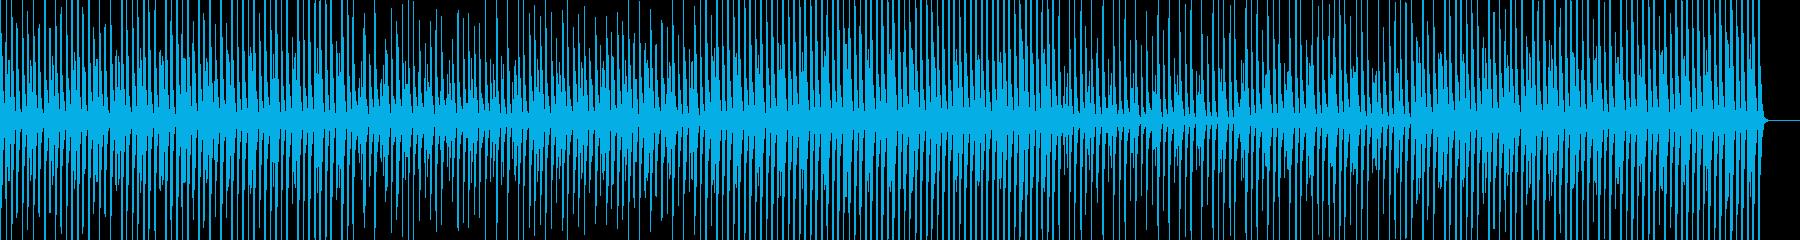 ブラジルのカポエイラ風BGMの再生済みの波形